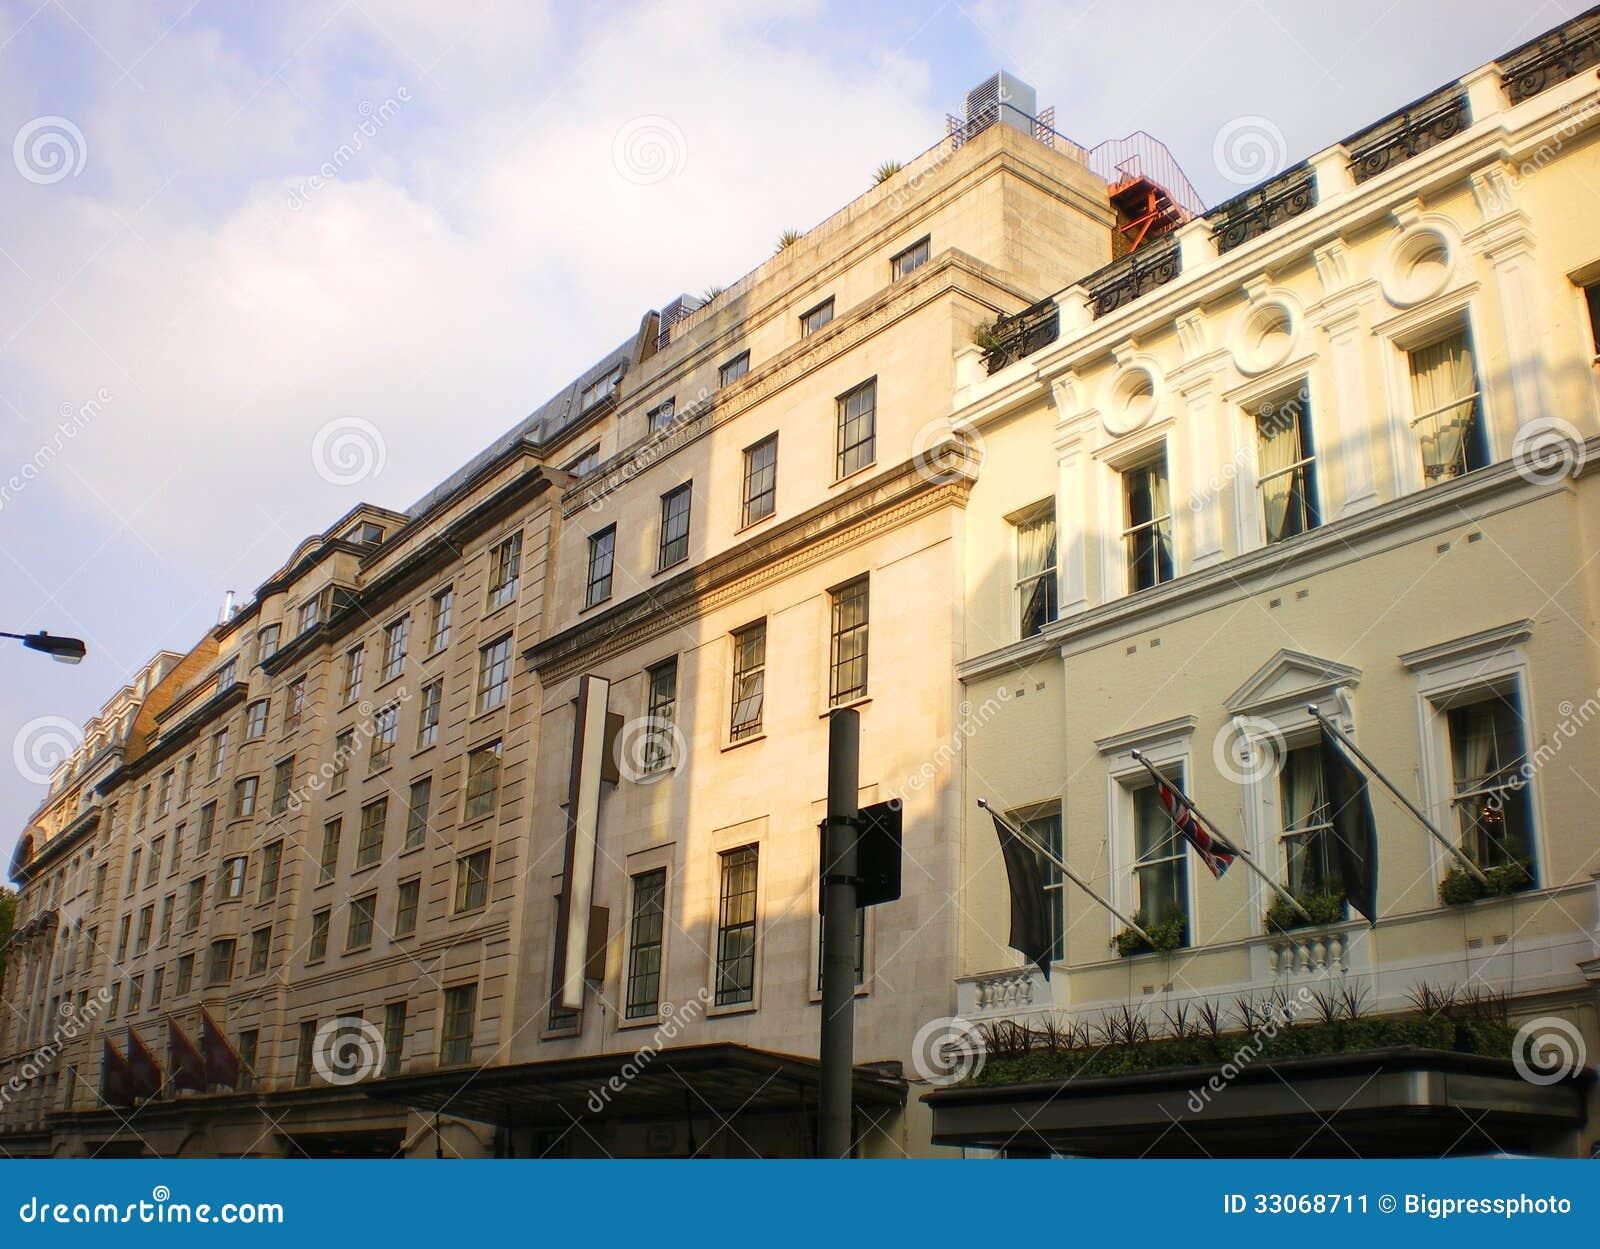 Lujo londres prostitutas de lujo londres completos en - Apartamentos de lujo en londres ...